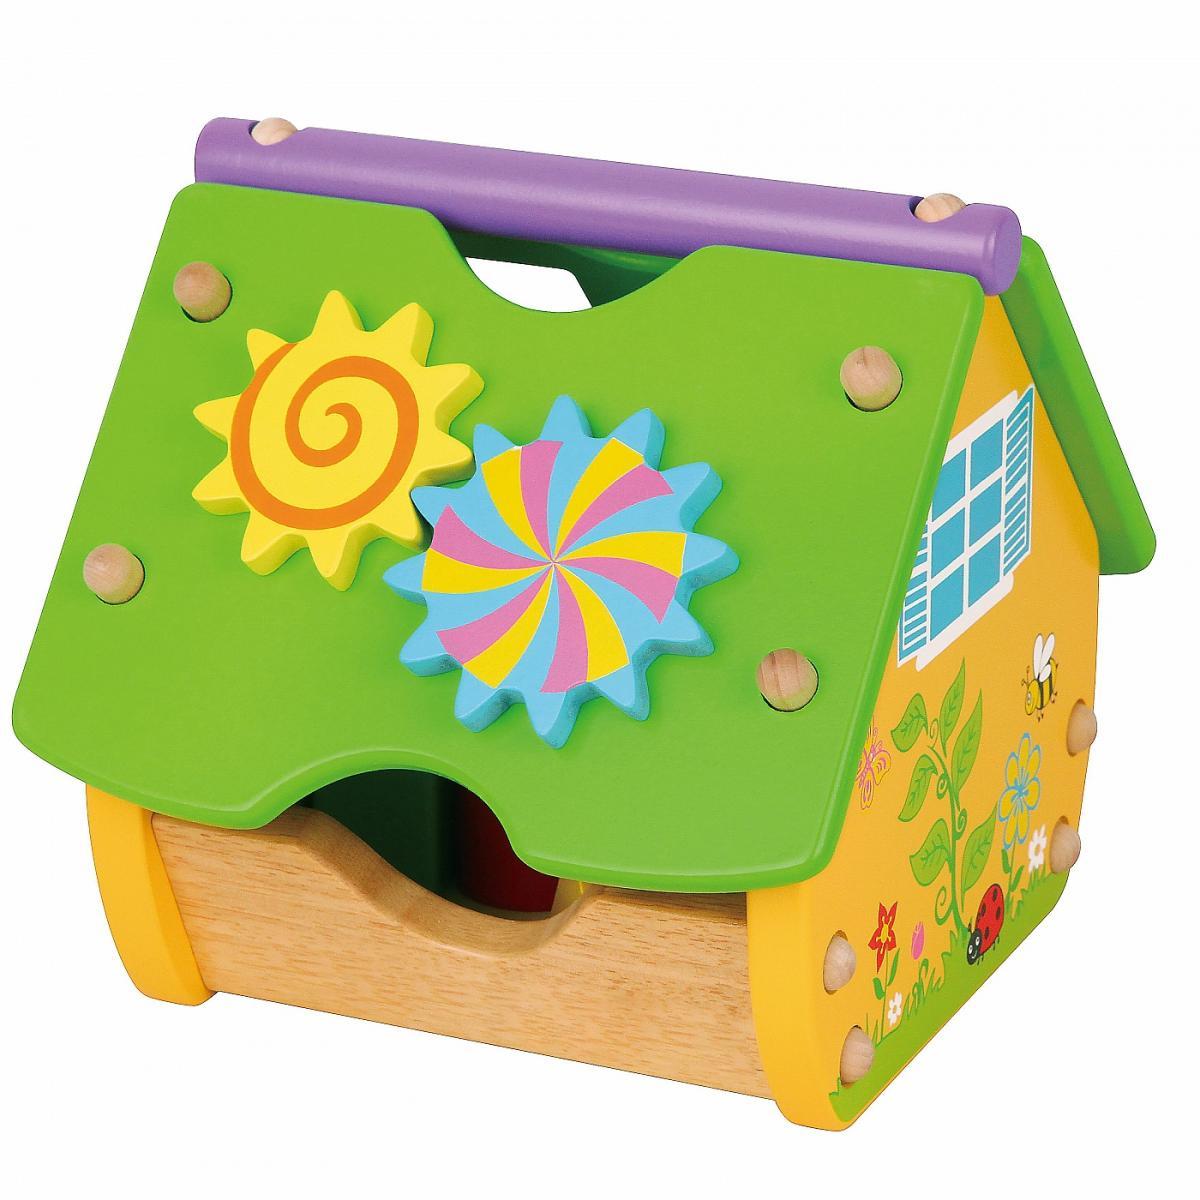 Топ 10 развивающих игрушек, фото №10 - интернет магазин Платошка